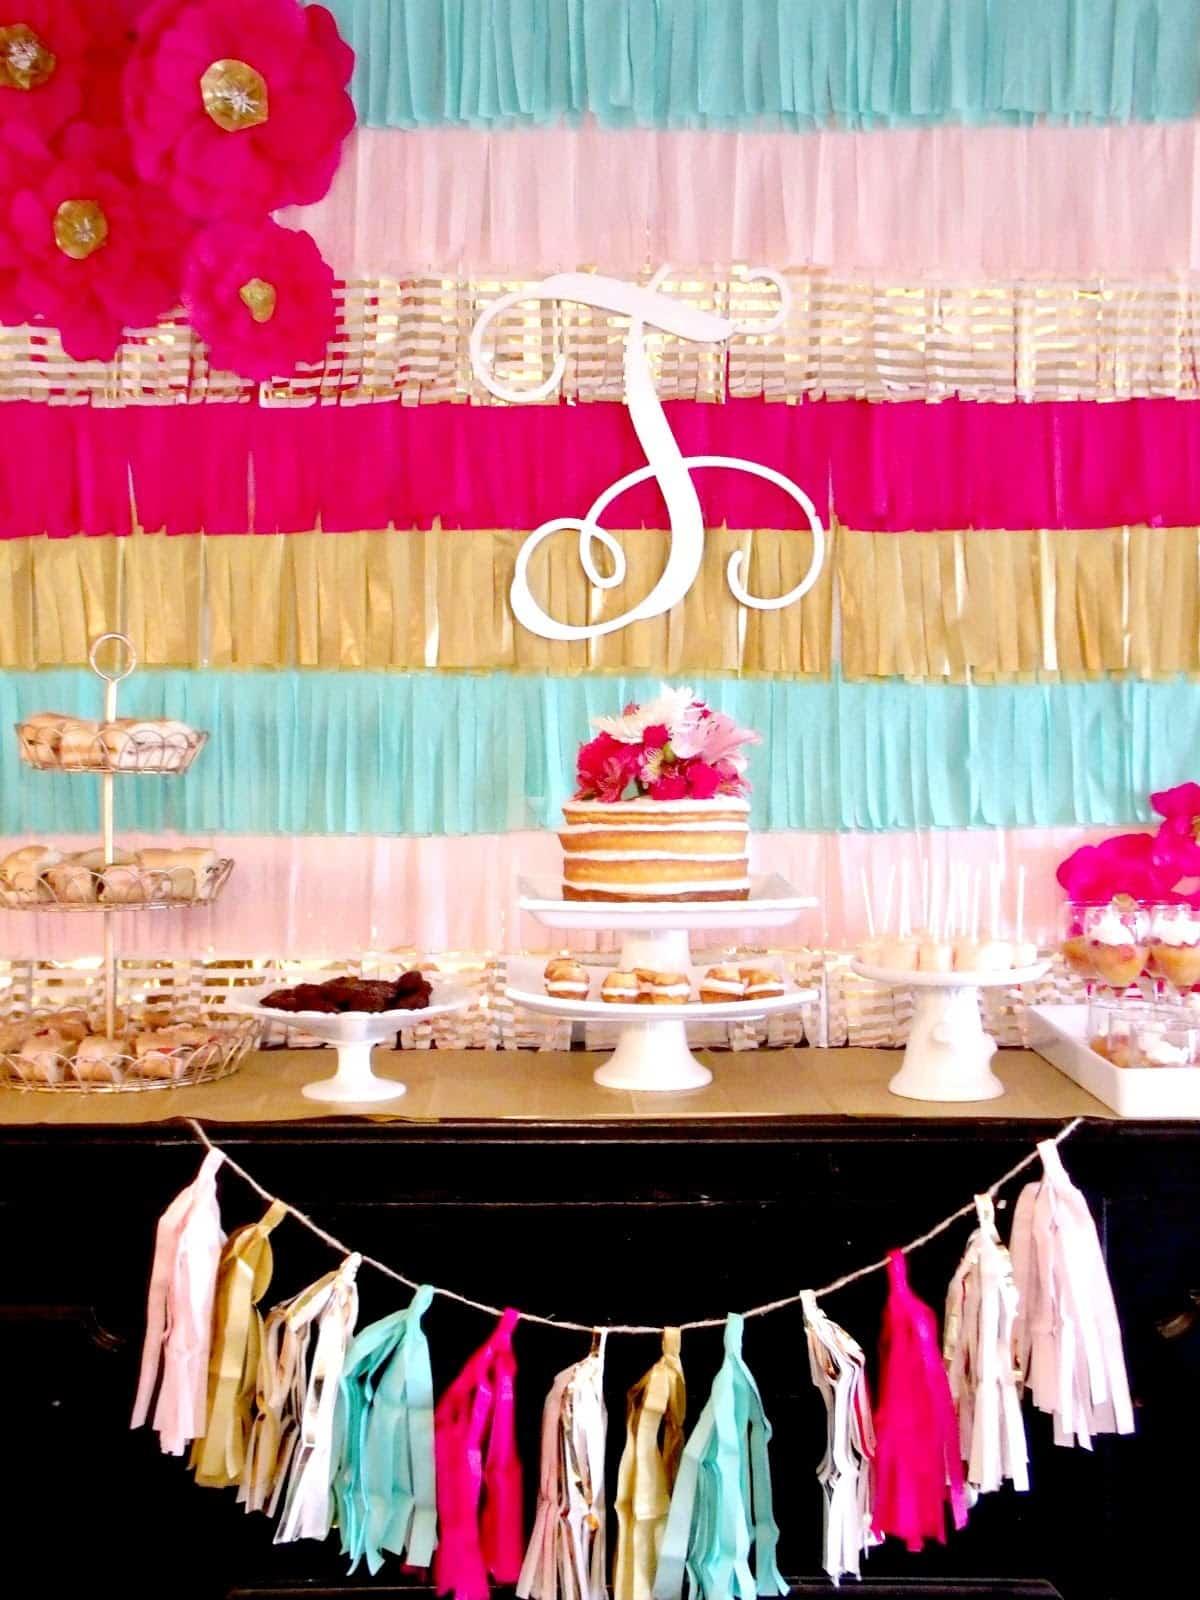 Fringe party backdrop